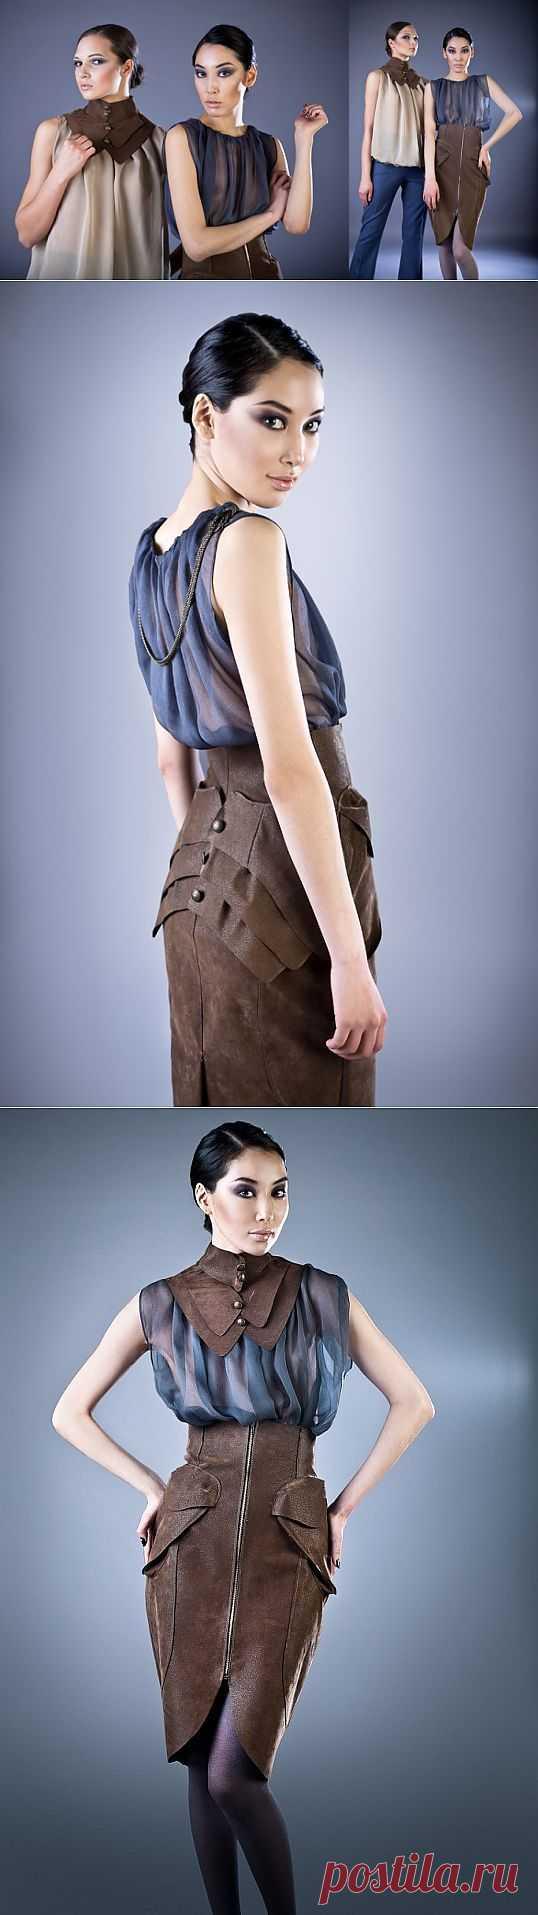 Юбка и воротник / Дизайнеры / Модный сайт о стильной переделке одежды и интерьера